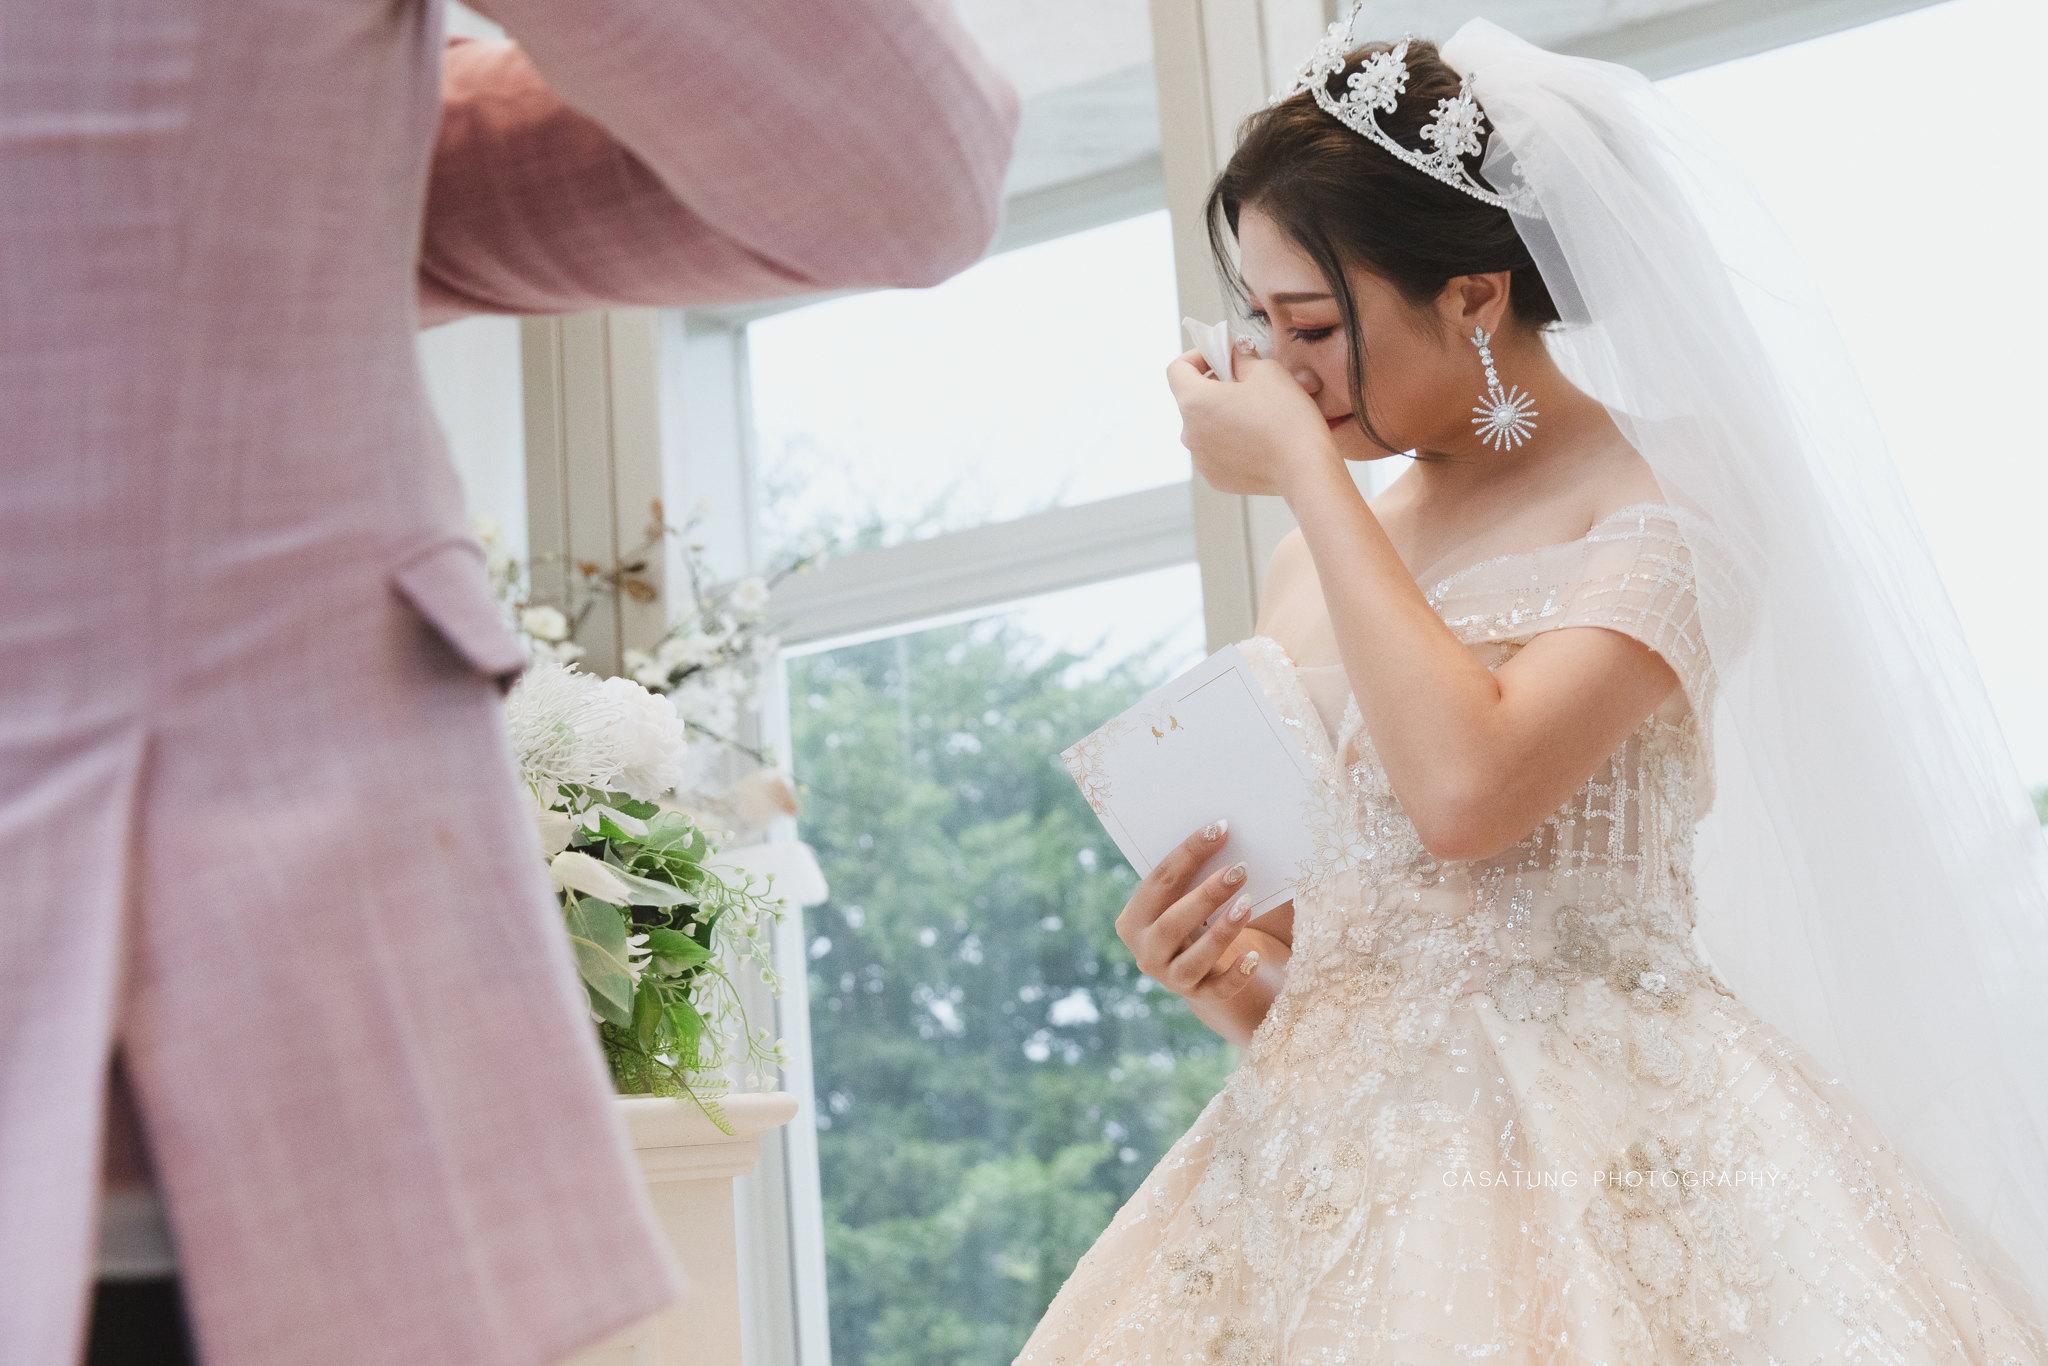 戶外婚禮, 手工婚紗, 台中婚攝, 自助婚紗, 婚紗工作室, 婚紗推薦旋轉木馬, 婚攝推廷, 婚攝CASA, 推薦婚攝, 旋轉木馬婚紗, 萊特維庭婚禮, 禮服出租, lightweeding,萊特薇庭婚攝-39